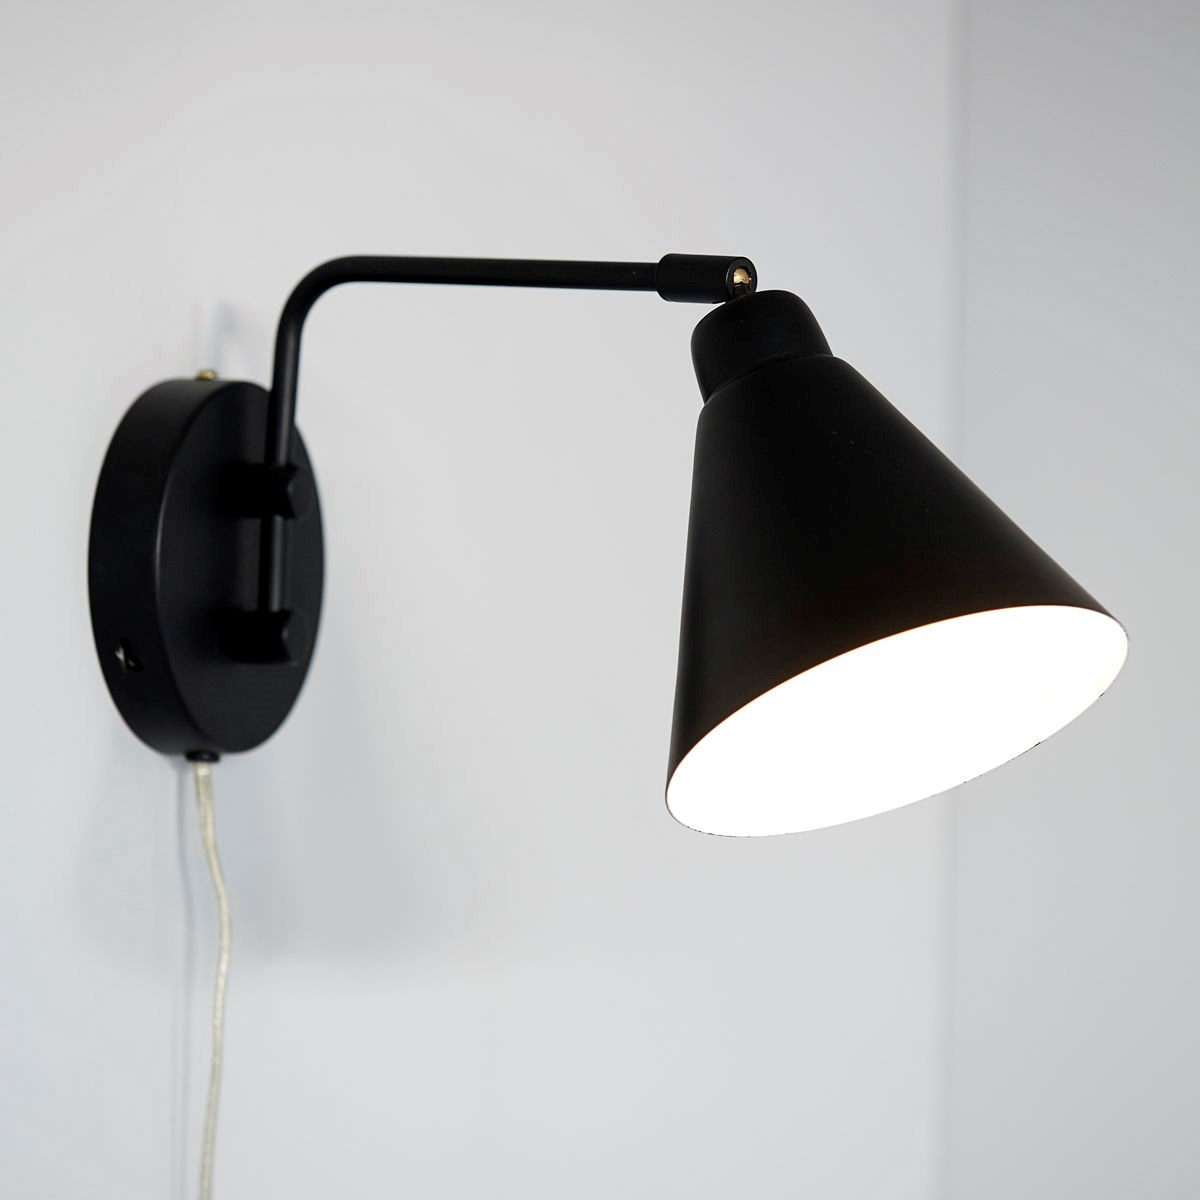 Nástěnná lampa GAME 30 cm (Cb0683)_1